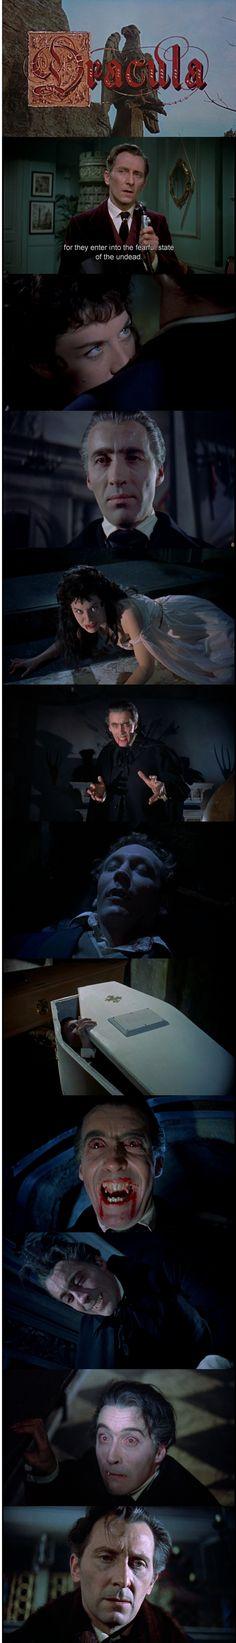 Dracula aka Horror of Dracula, Terence Fisher, 1958, Hammer House of Horror